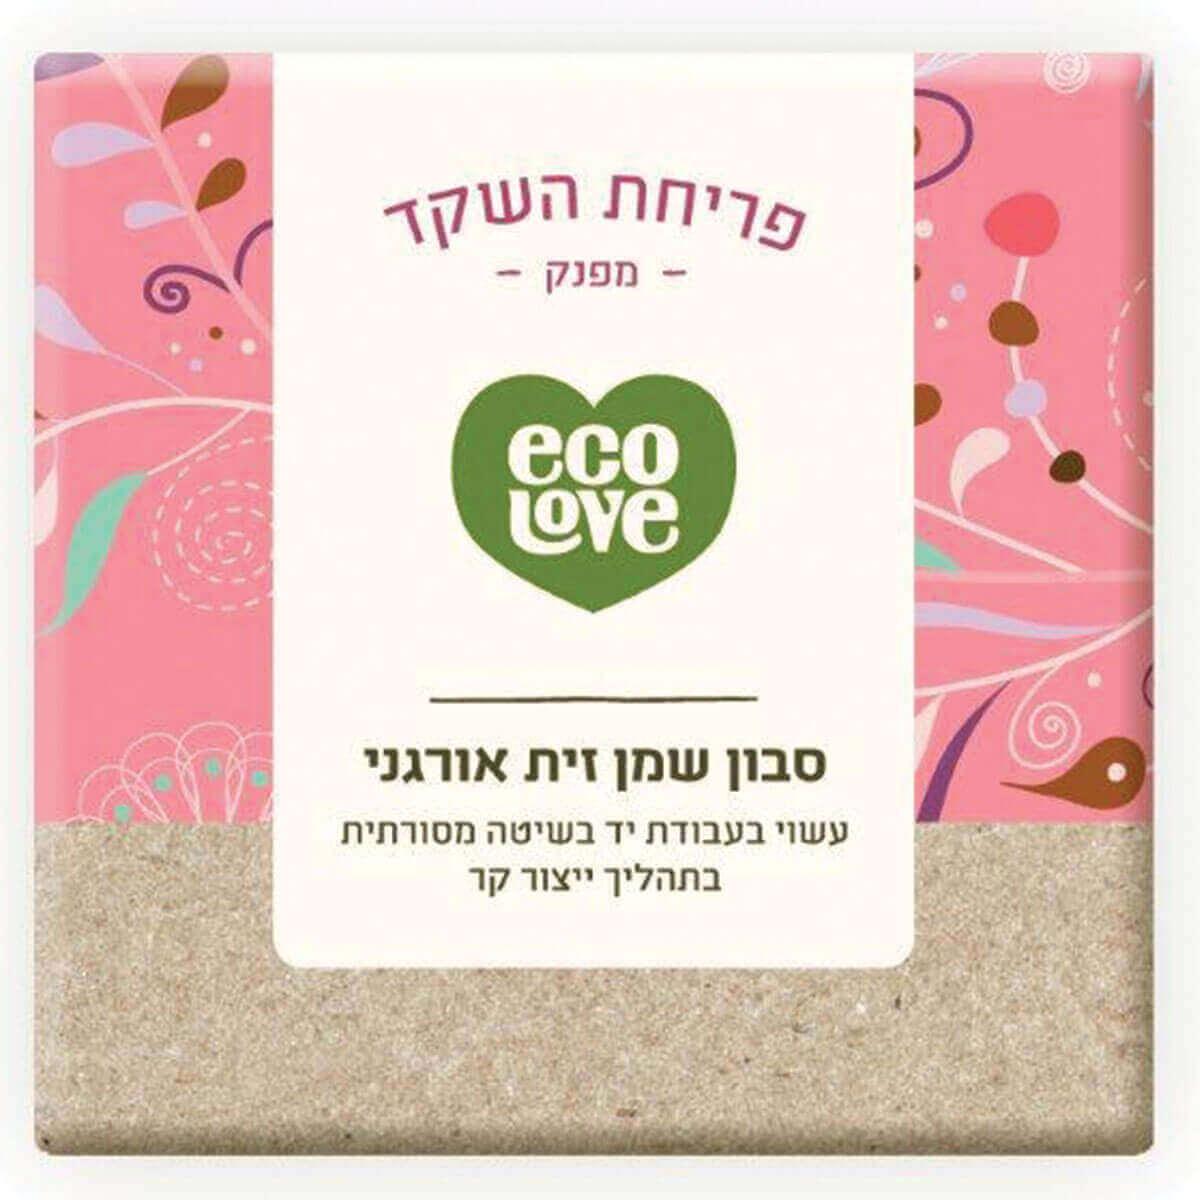 אקו לאב | סבון שמן זית אורגני, פריחת השקד - 110 ג' ecoloveתמונה של